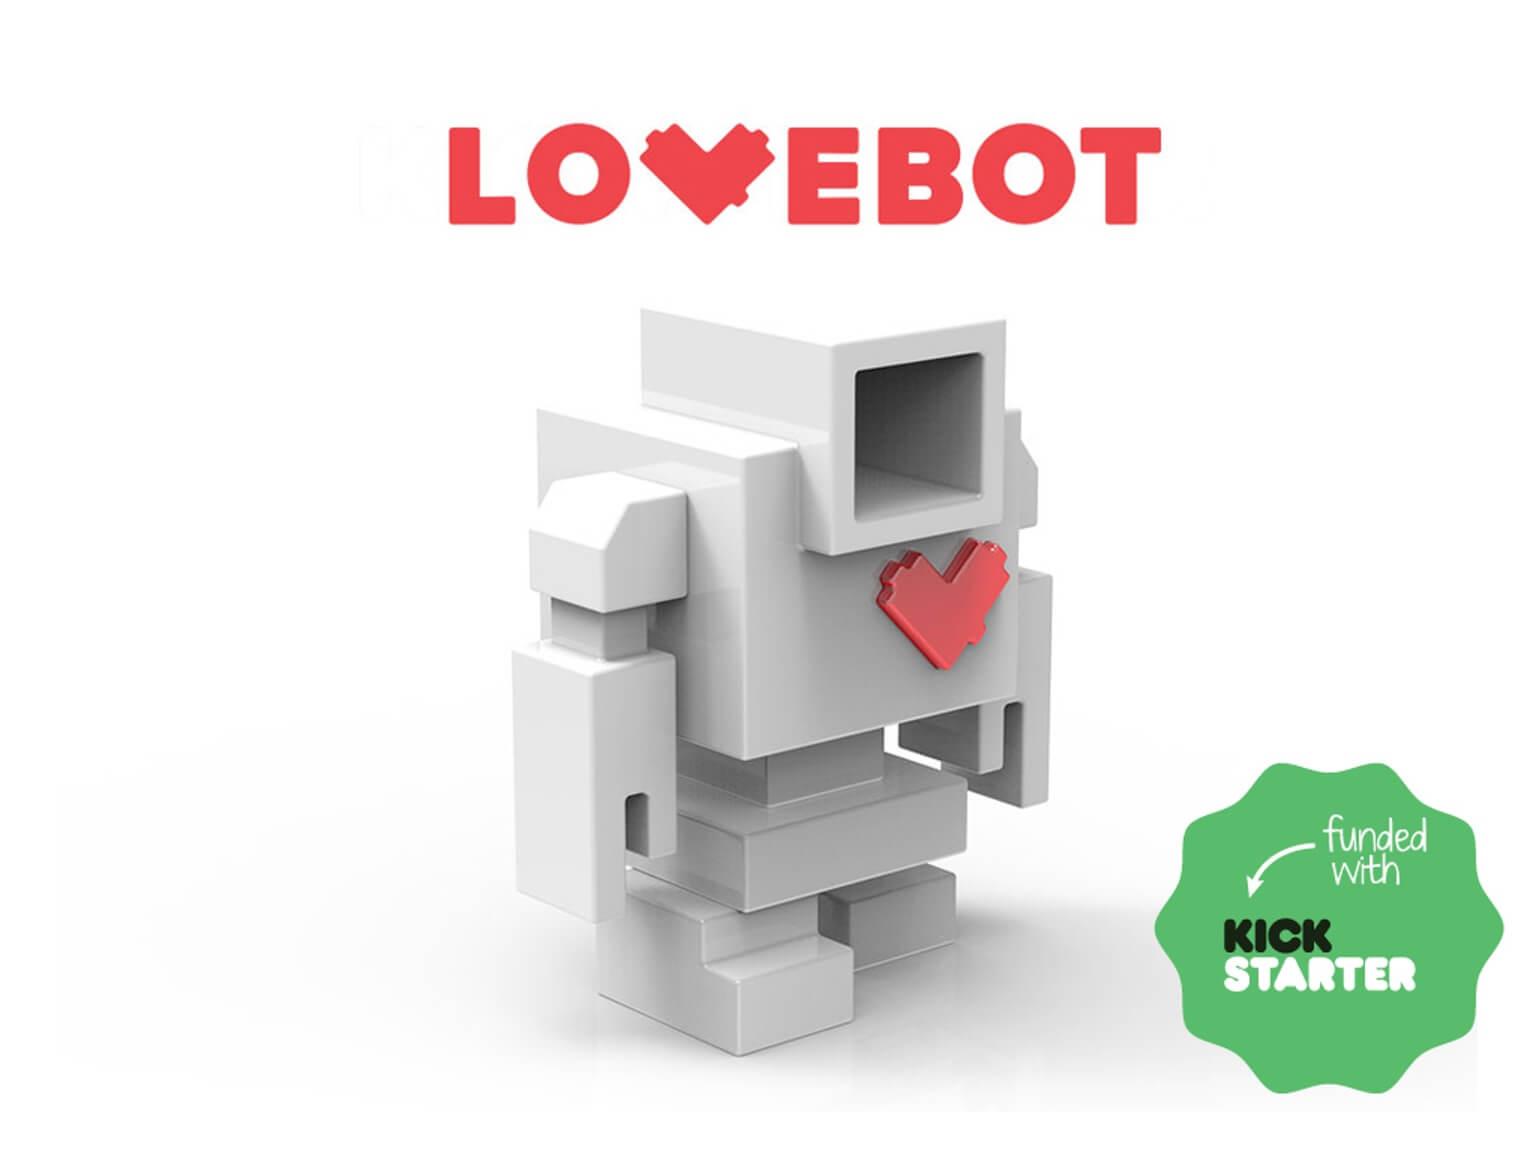 lovebotkickstarter